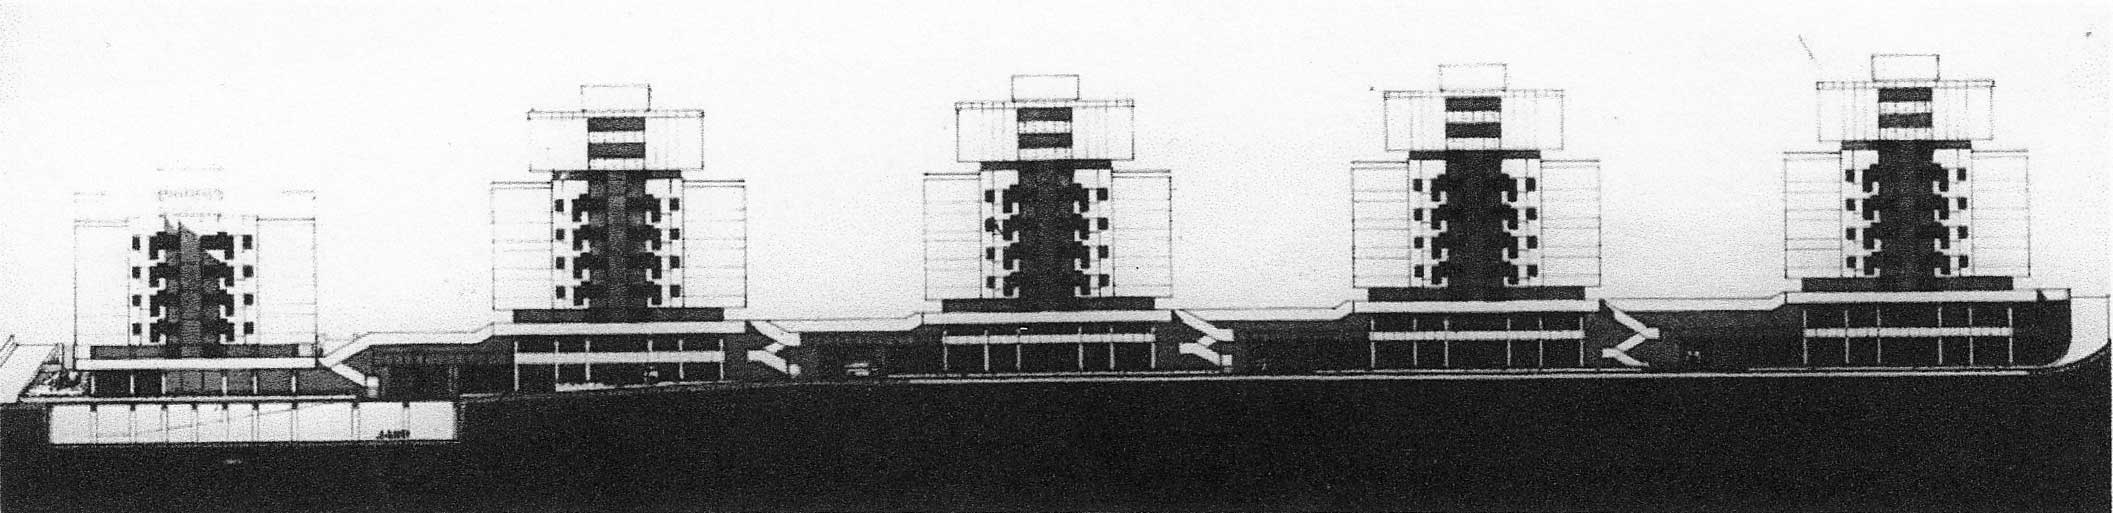 8 - Complesso residenziale di 312 alloggi a Pomezia (RM), per Imp. Lenzini - Prospetti